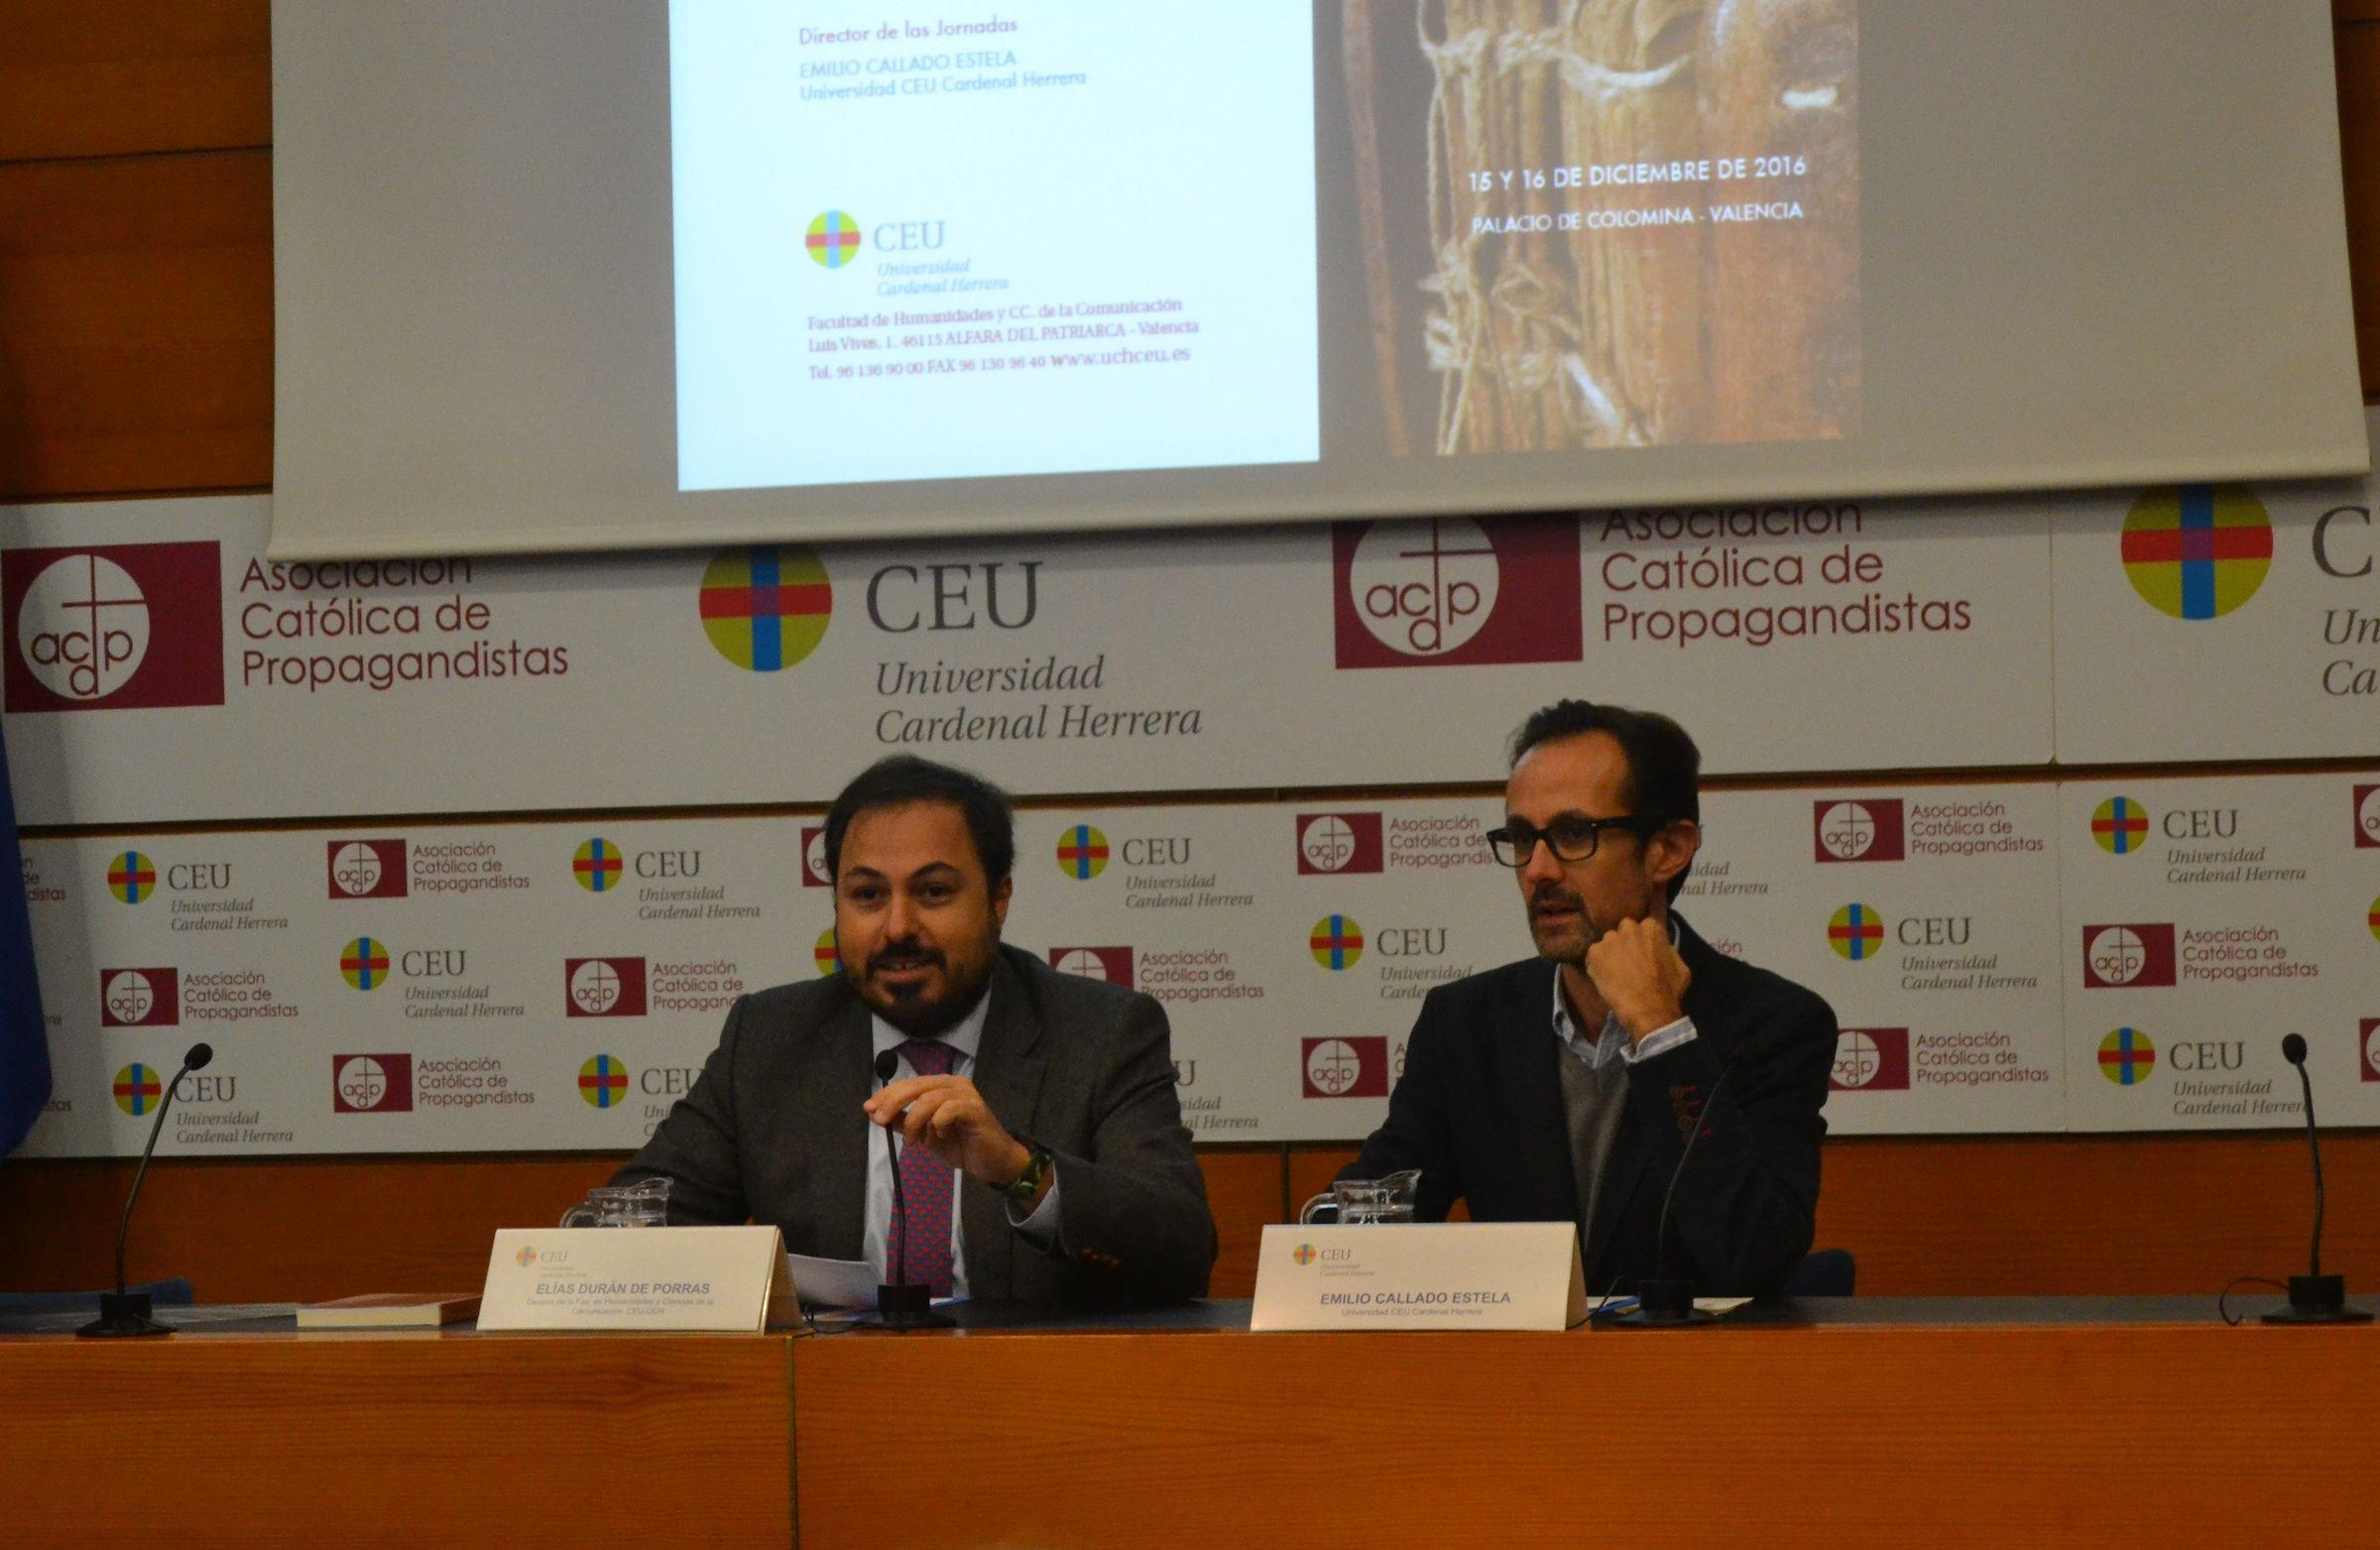 El decano Elías Durán y el director de las Jornadas, Emilio Callado, en la inauguración.